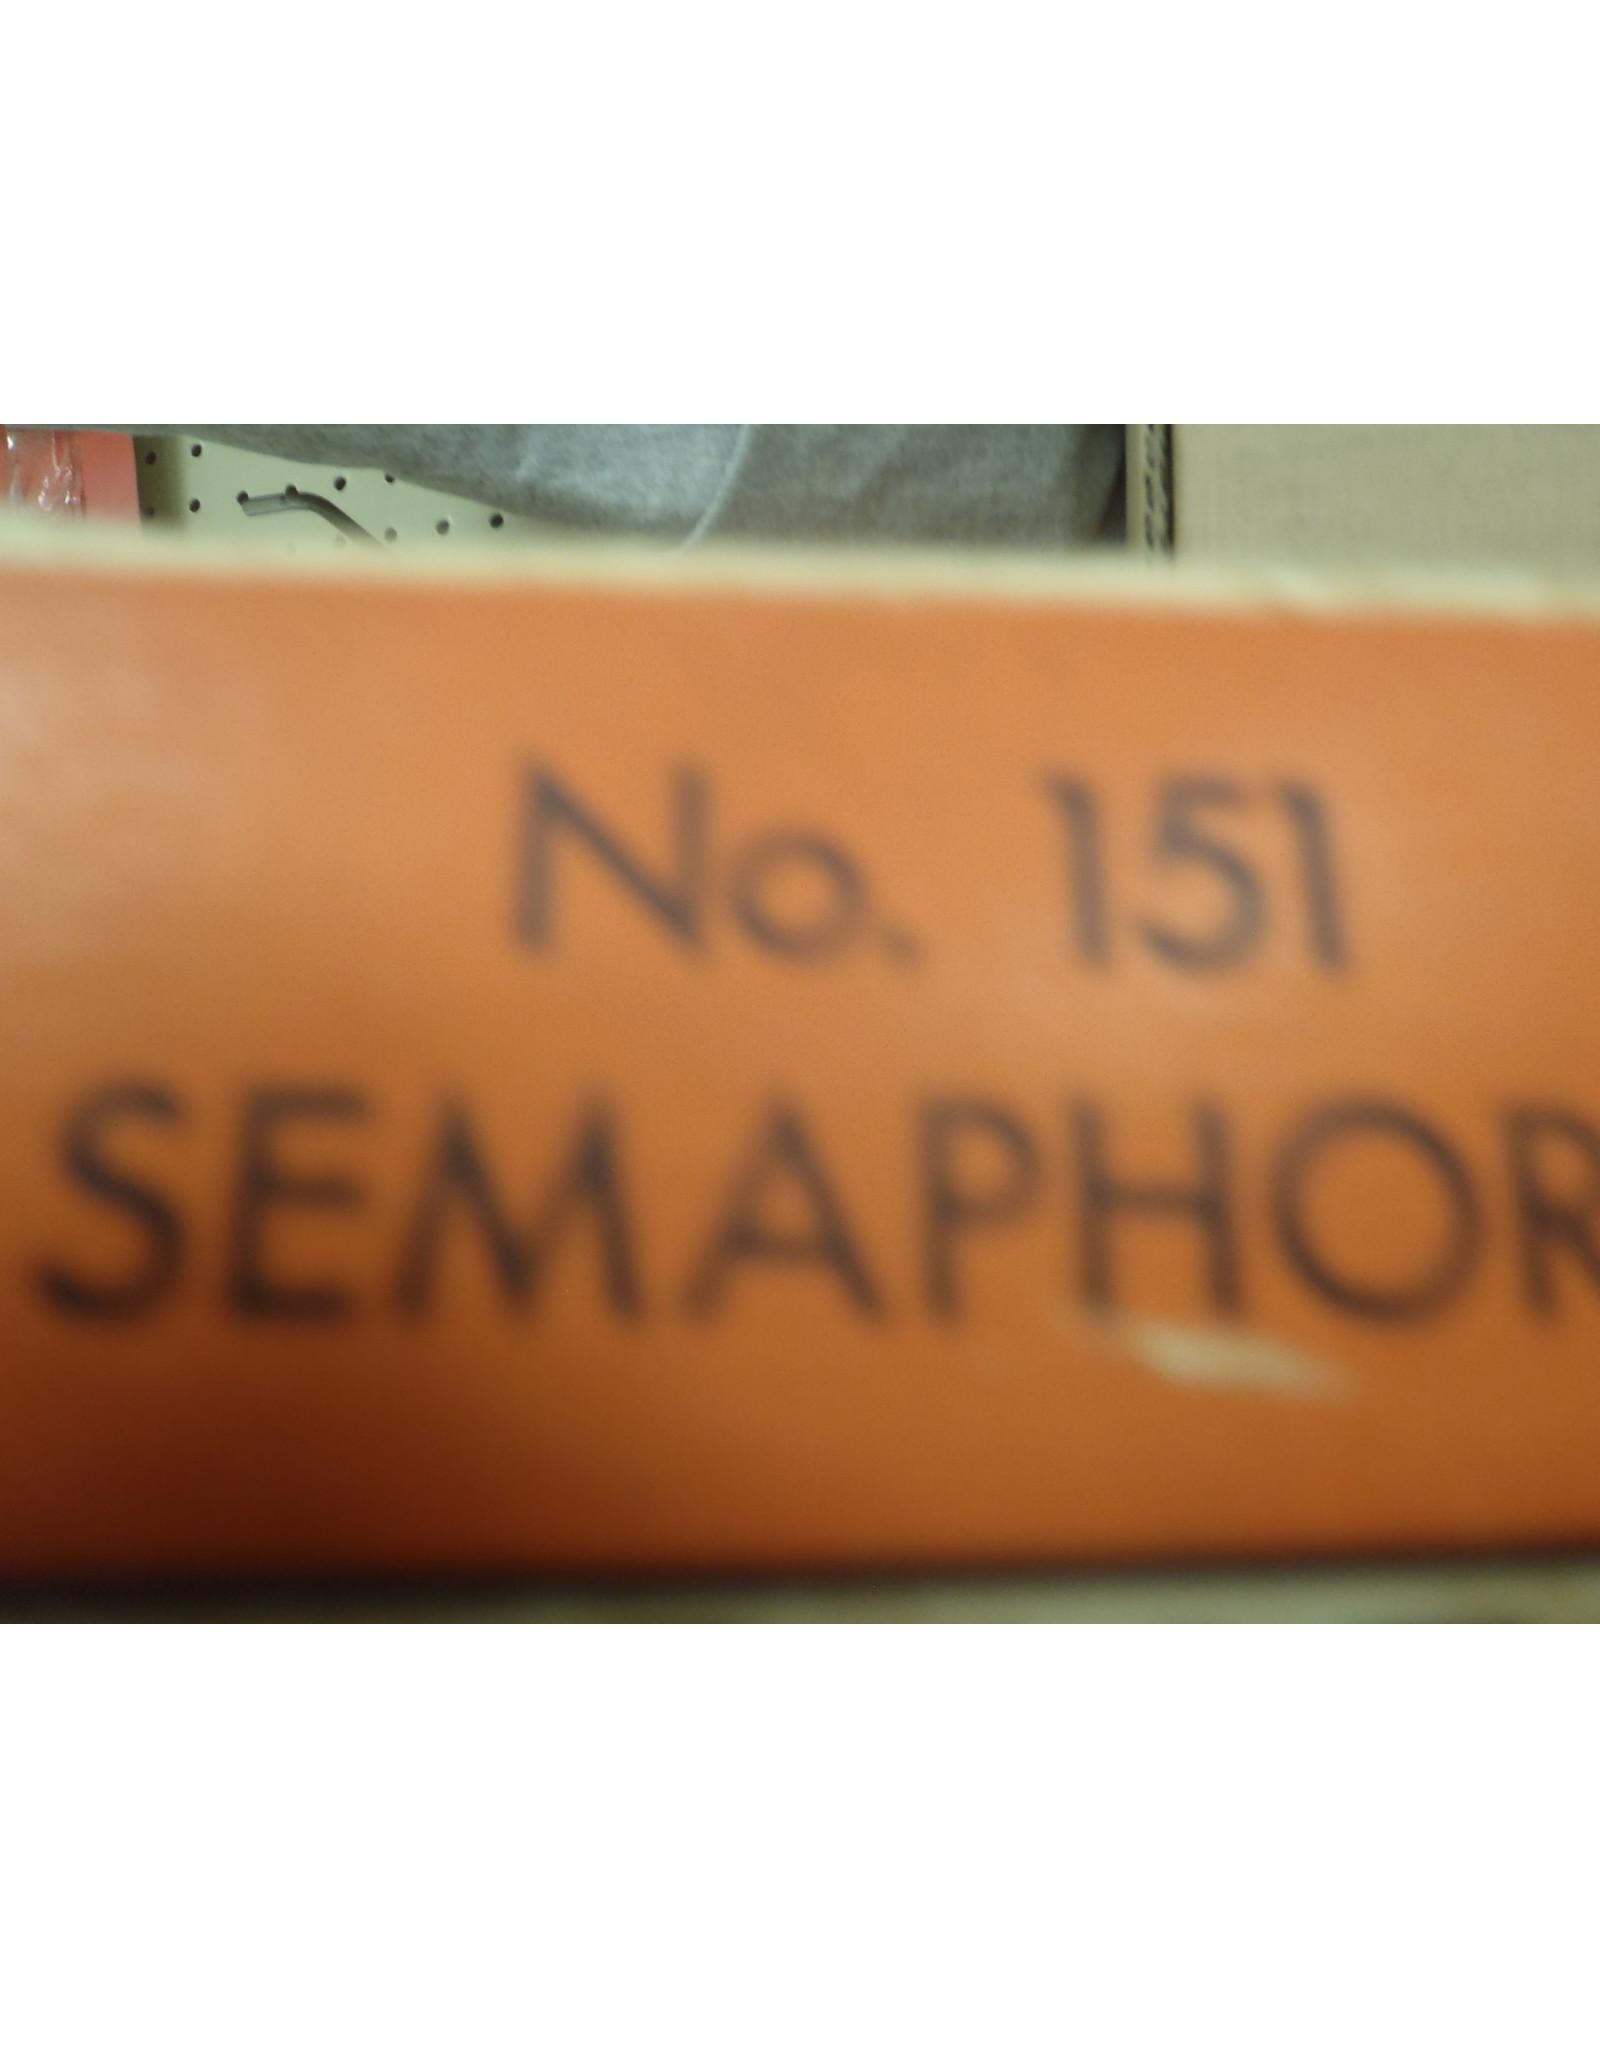 Lionel Semaphore 151